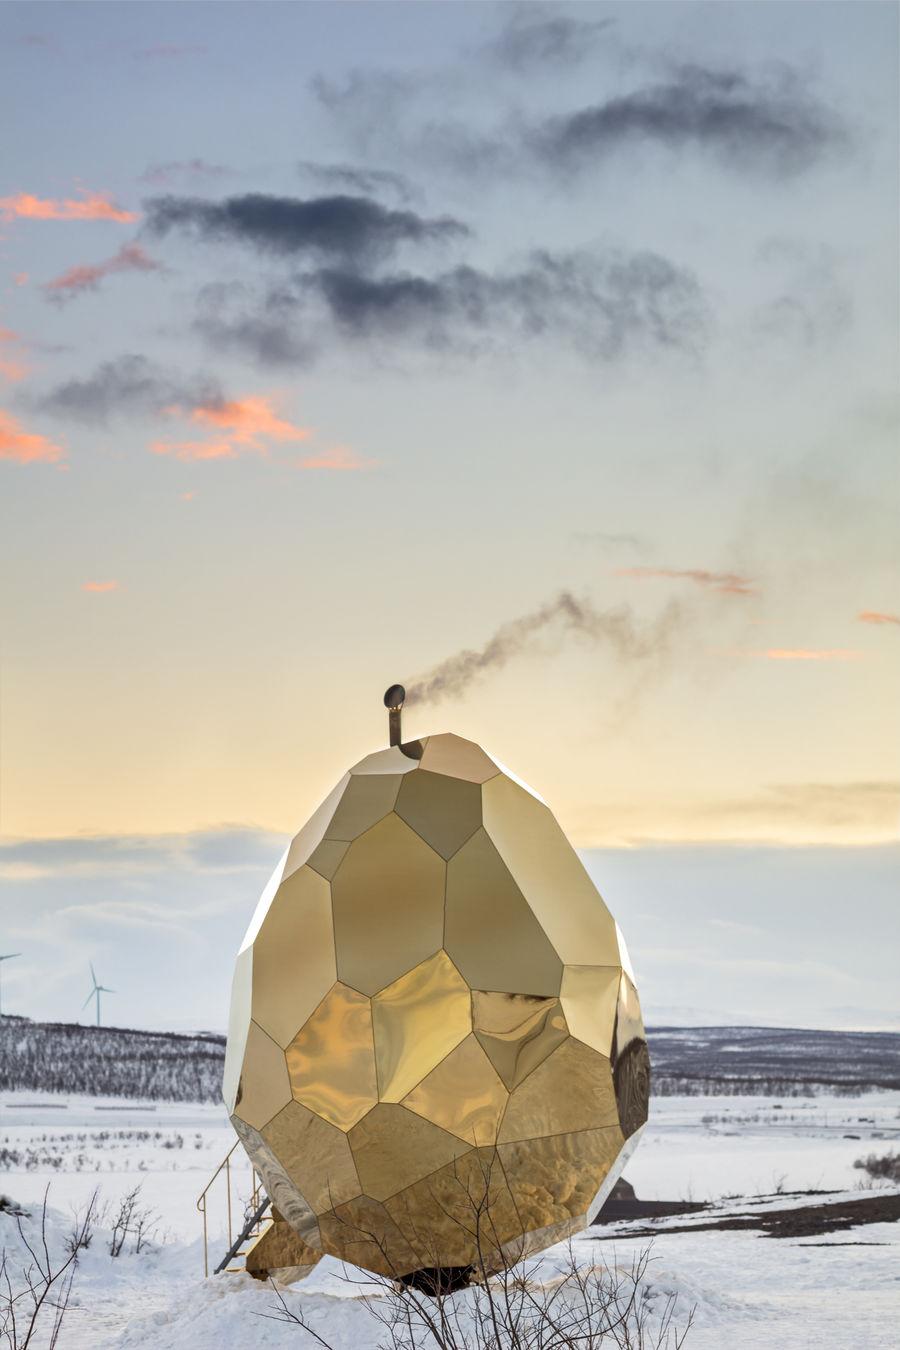 GOSEE SHOP - SOLAR EGG, a public sauna art installation by prizewinning artistic duo Bigert & Bergström